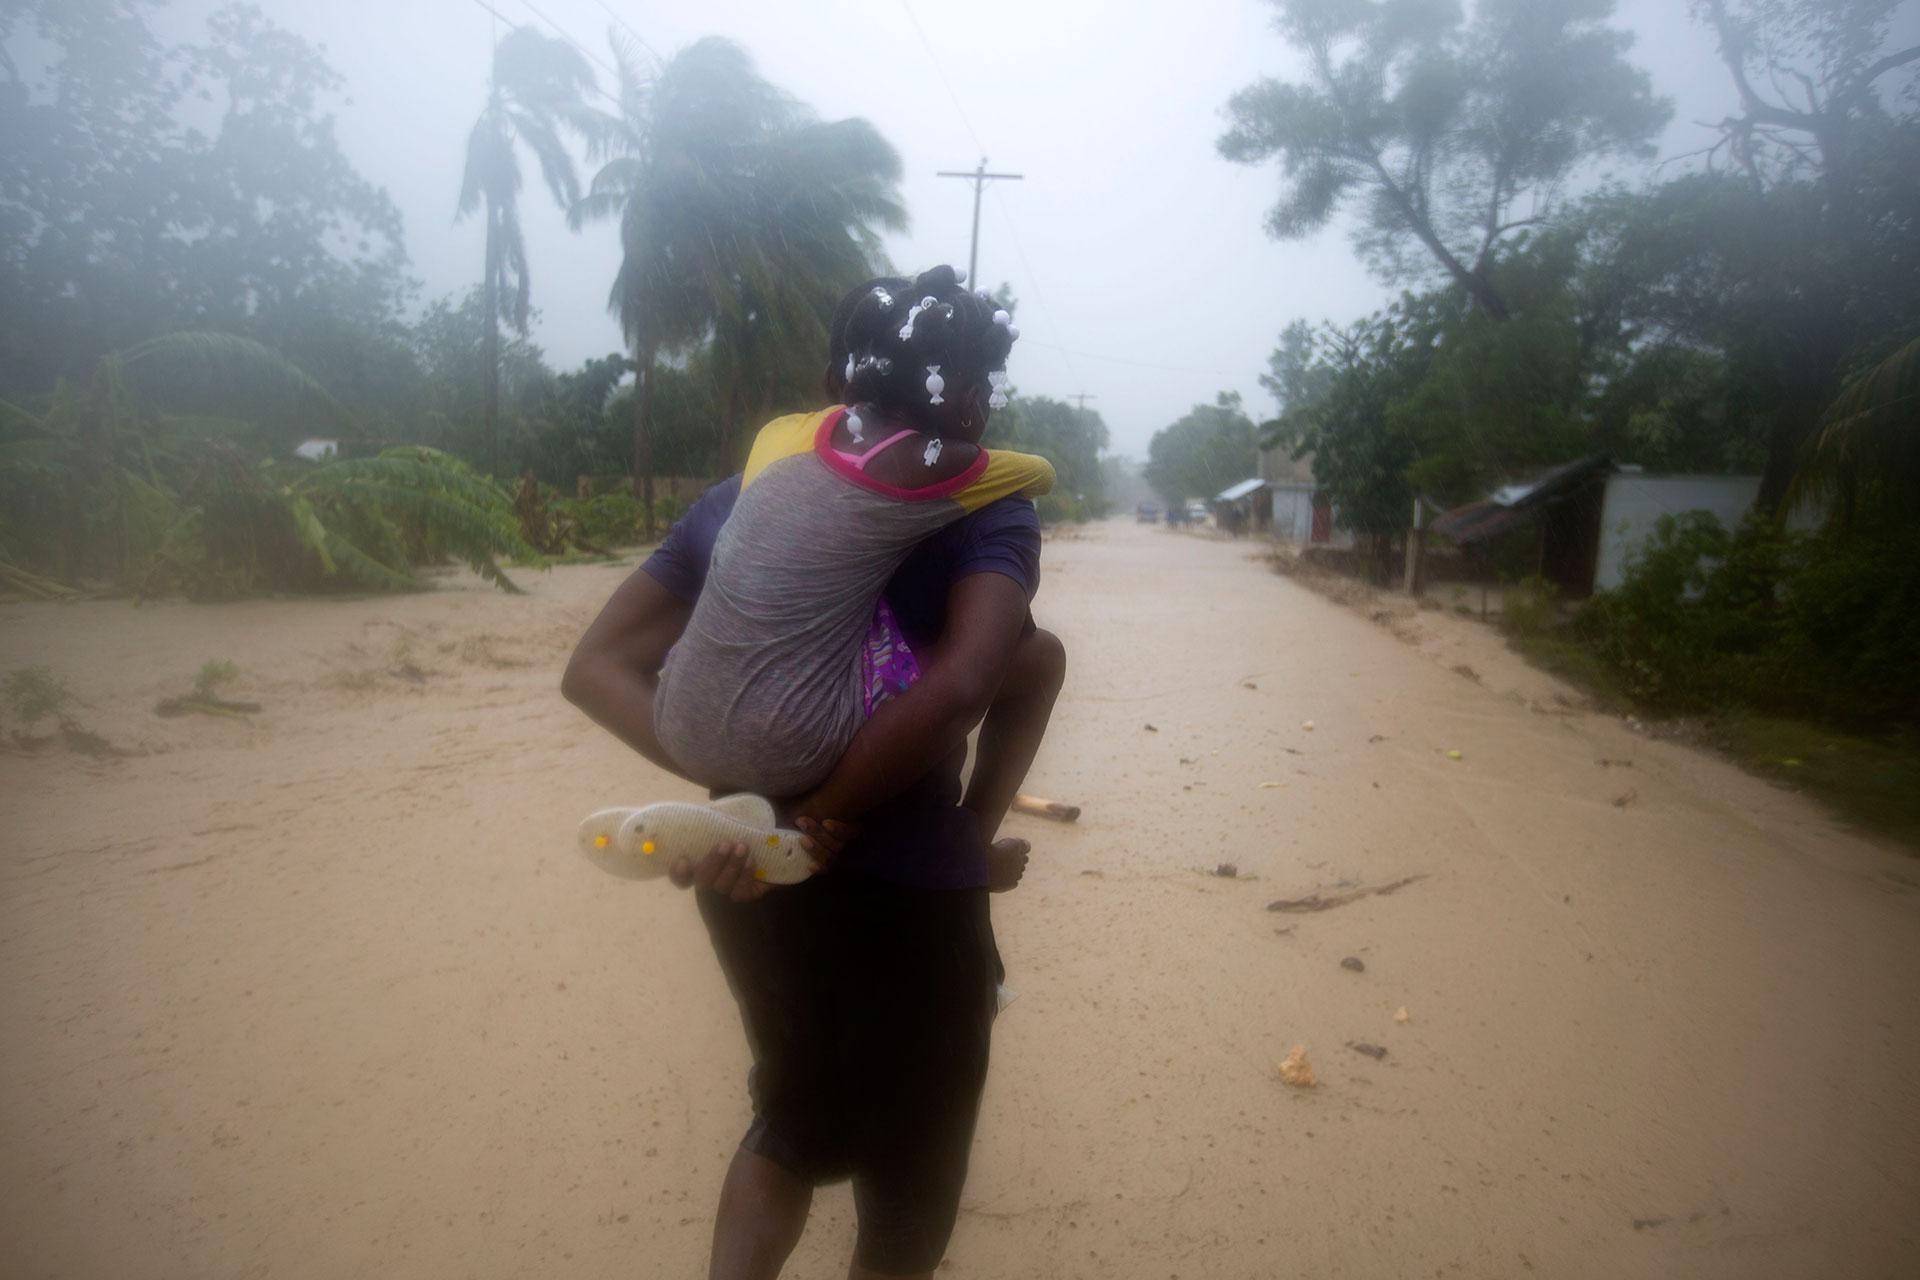 En las provincias colindantes como Santiago de Cuba, Granma, Holguín se han registrado también efectos de esta contingencia meteorológica como inundaciones, mientras la cifra de personas evacuadas en la mitad oriental subió hasta 1,3 millones (AP)